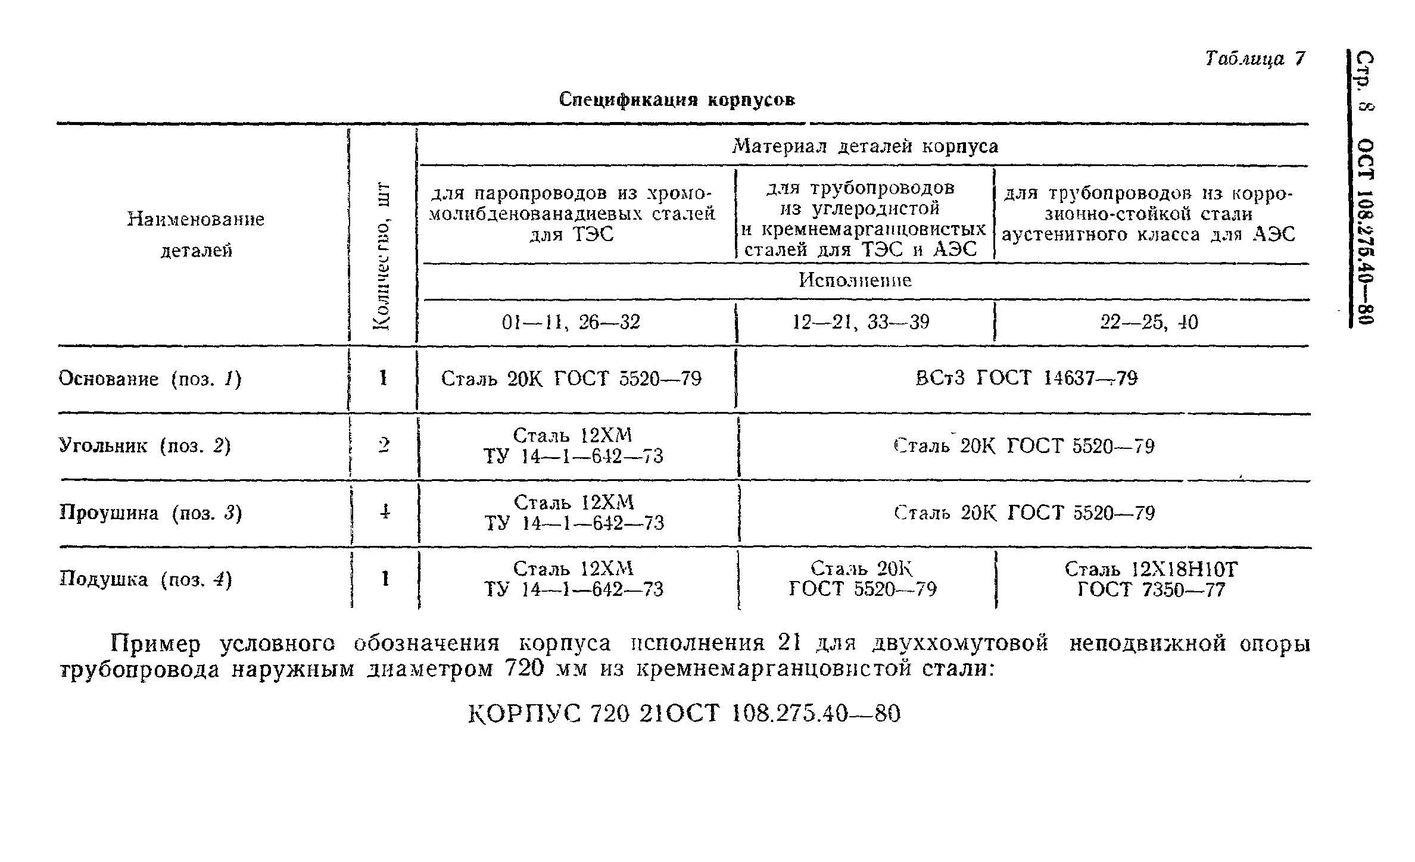 Корпуса двуххомутовых опор ОСТ 108.275.40-80 стр.8